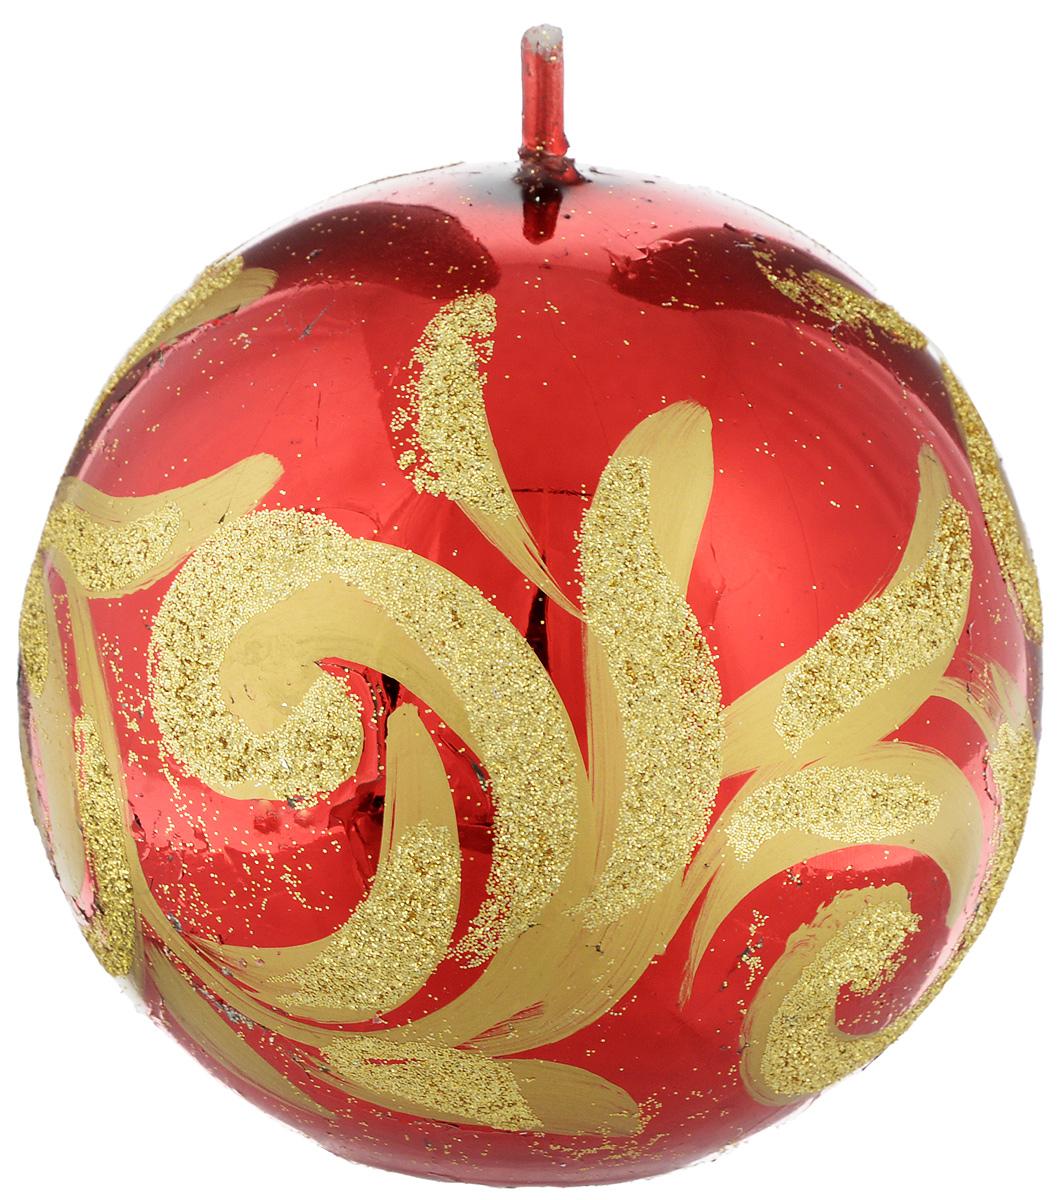 Свеча-шар Fem Флоренция, цвет: красный, золотой, диаметр 9 см0011/5127Свеча-шар Fem Флоренция изготовлена из парафина и декорирована изящным узором с блестками. Такая свеча станет изысканным украшением интерьера. Она принесет в ваш дом волшебство и ощущение праздника. Создайте в своем доме атмосферу веселья и радости, и тогда самый обычный день с легкостью превратится в торжество.